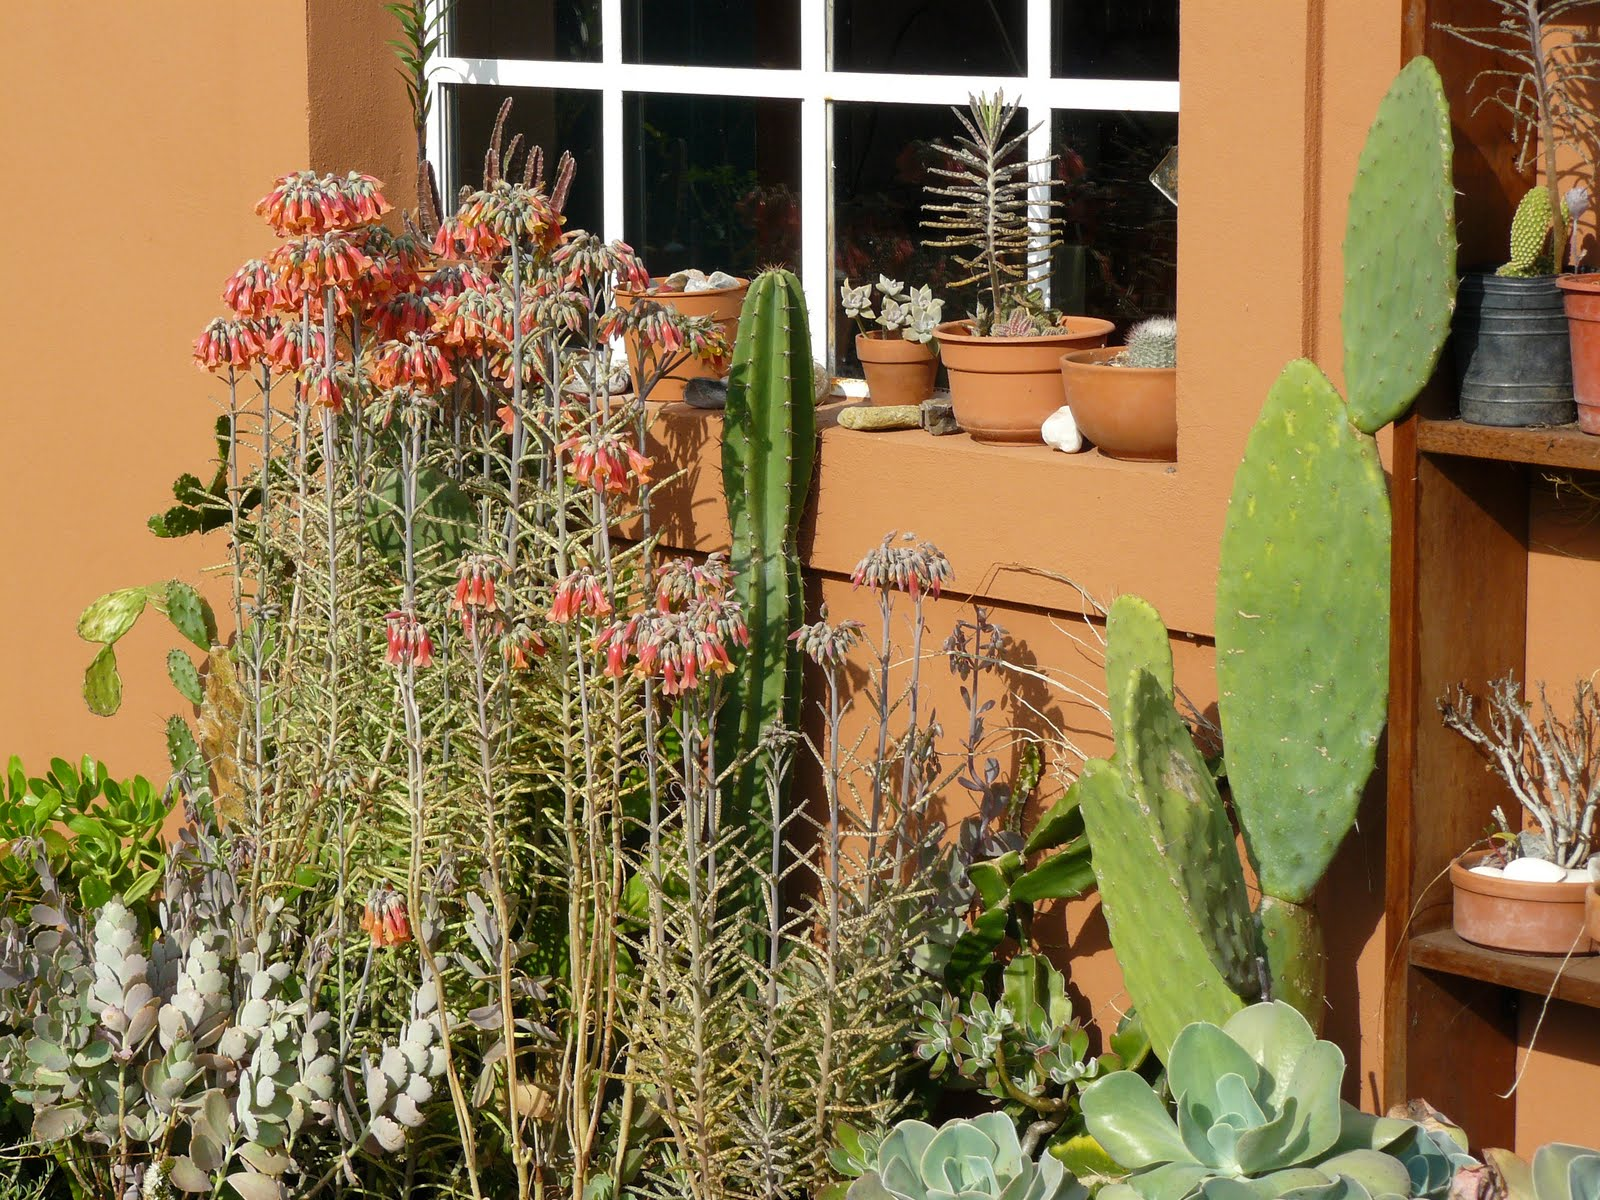 Jardines de cactus y suculentas kalanchoe tubiflora for Jardines con cactus